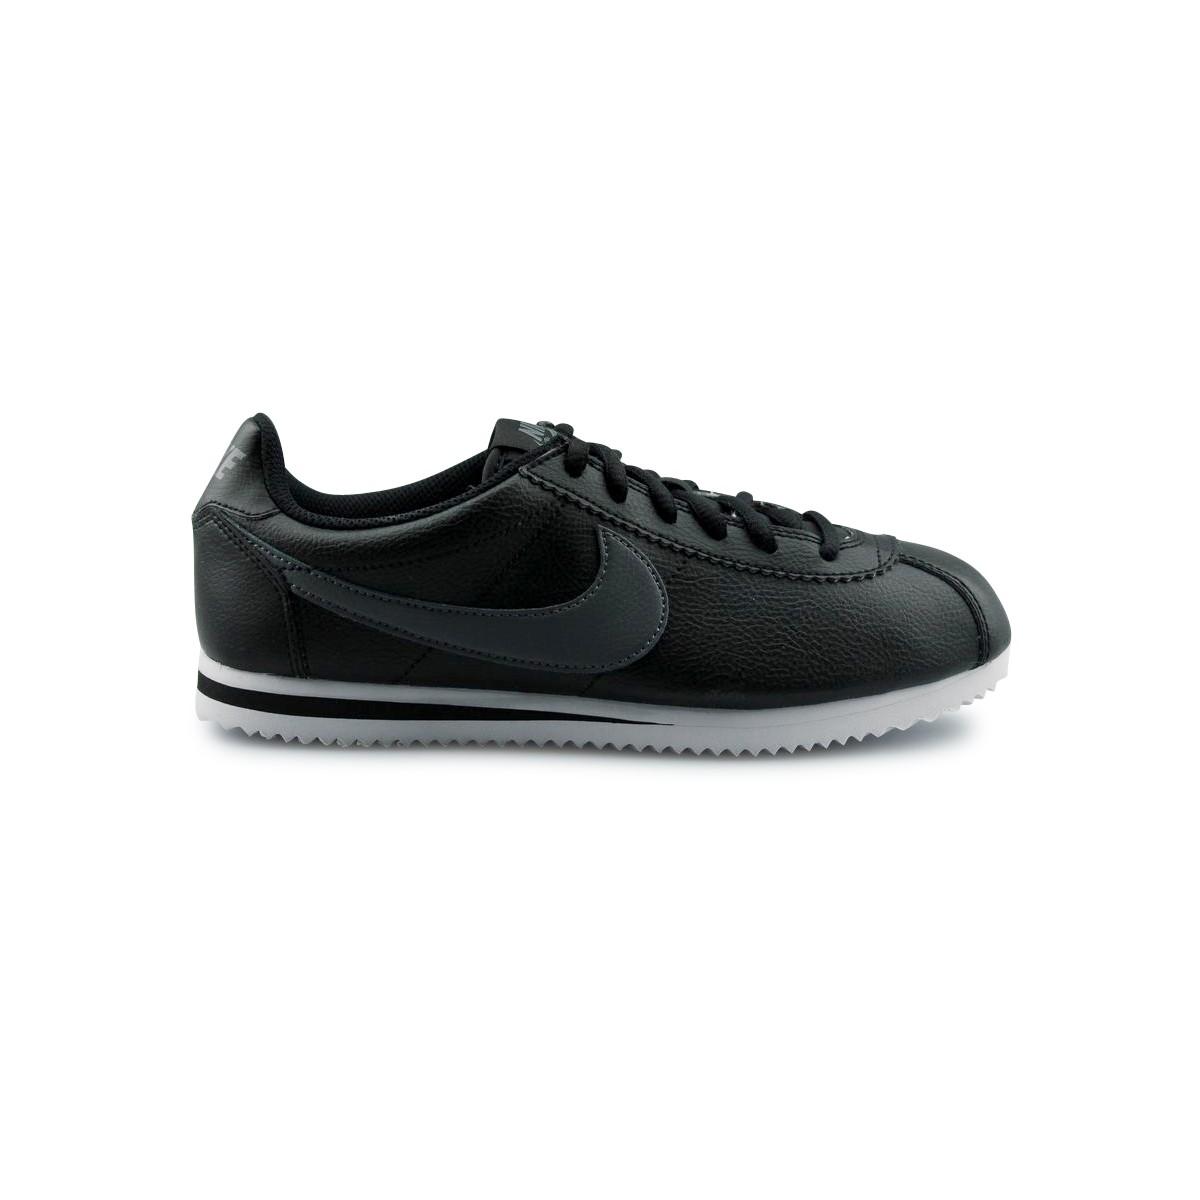 1416448fc NIKE CORTEZ JUNIOR NOIR - Street Shoes Addict